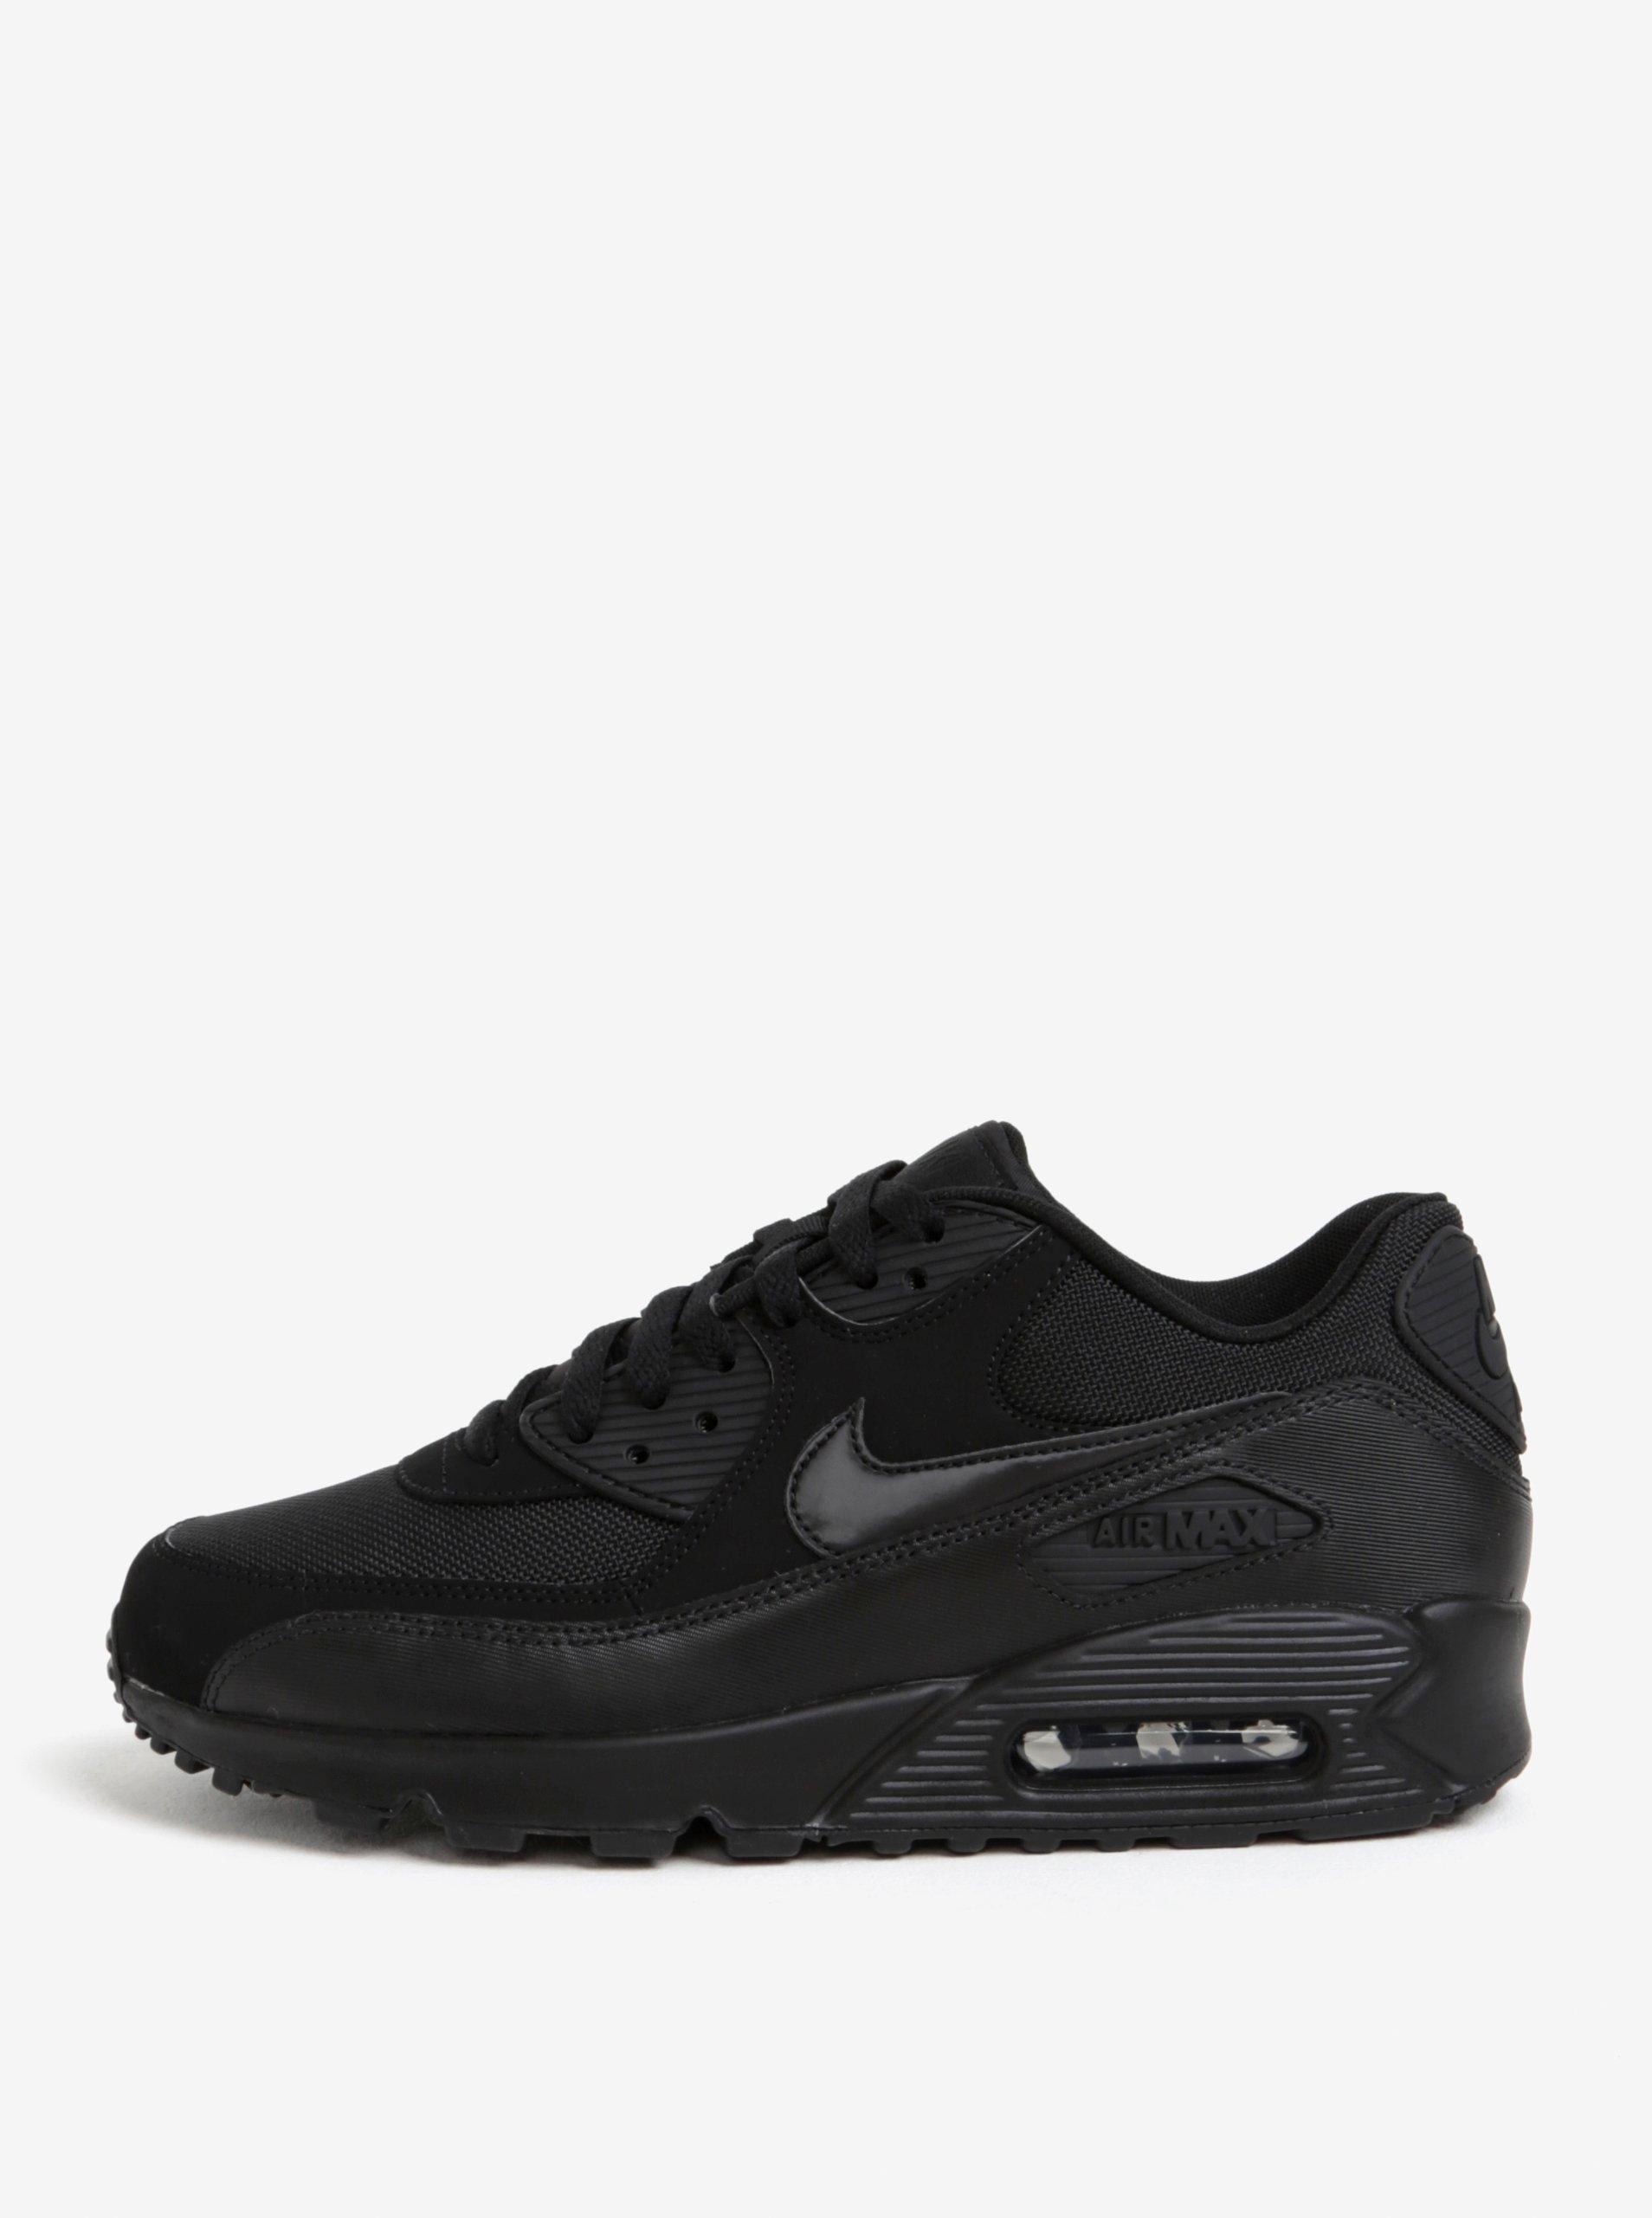 Čierne pánske semišové tenisky Nike Air Max  90 Essential  65f170a705e